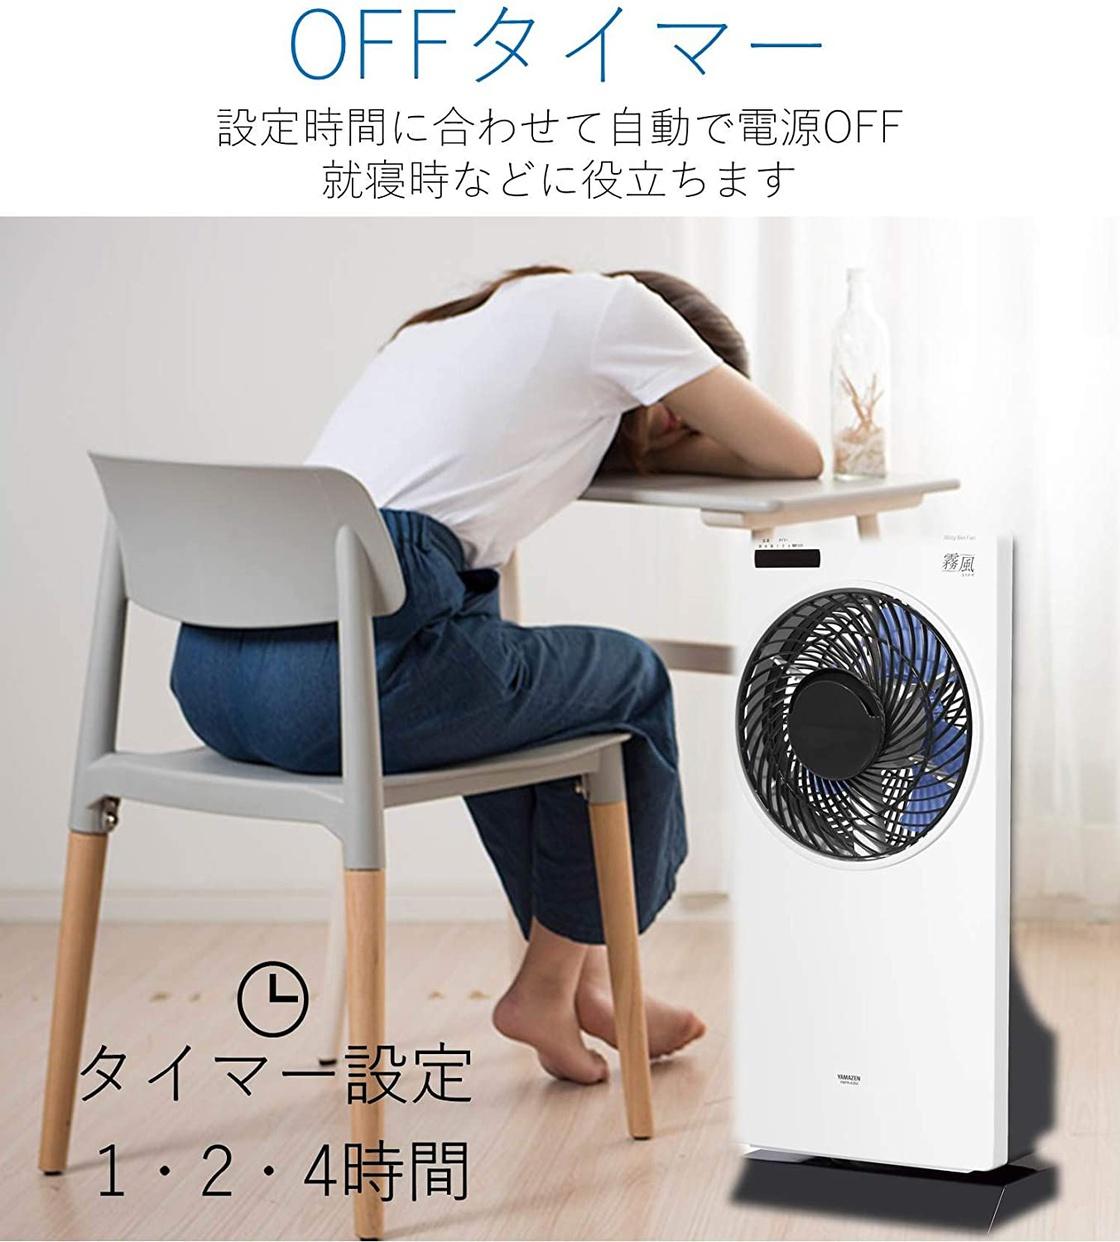 山善(YAMAZEN) ミスティボックス扇風機「霧風」の商品画像5